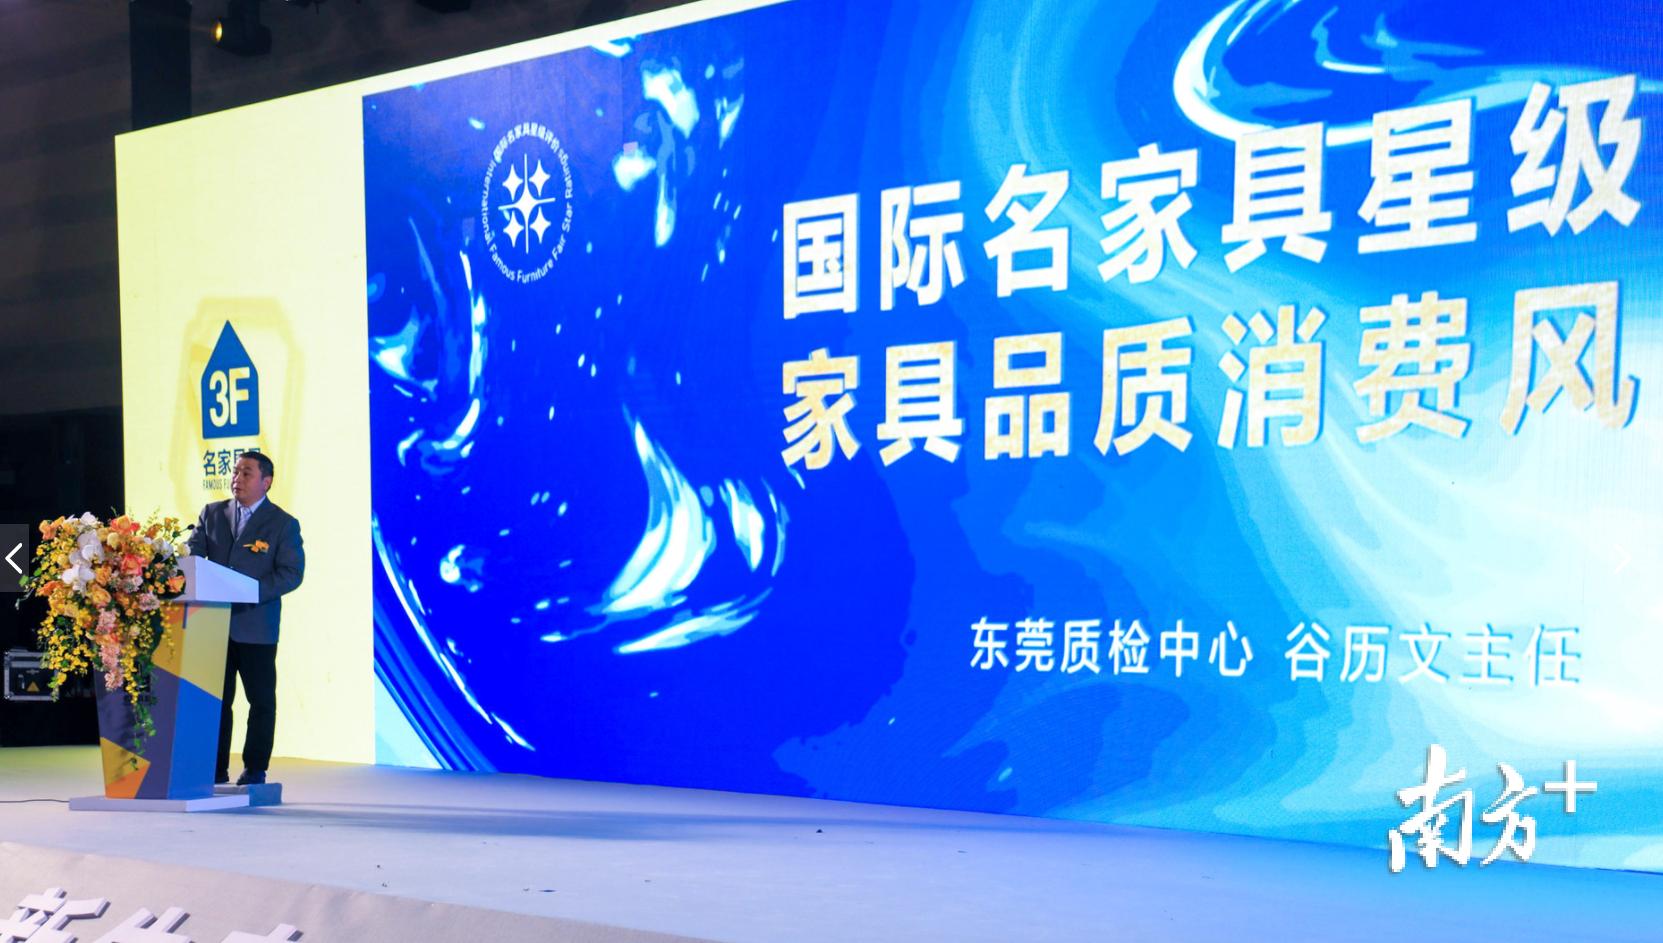 """家具消费将有""""东莞标准"""",国际名家具星级评价正式发布"""